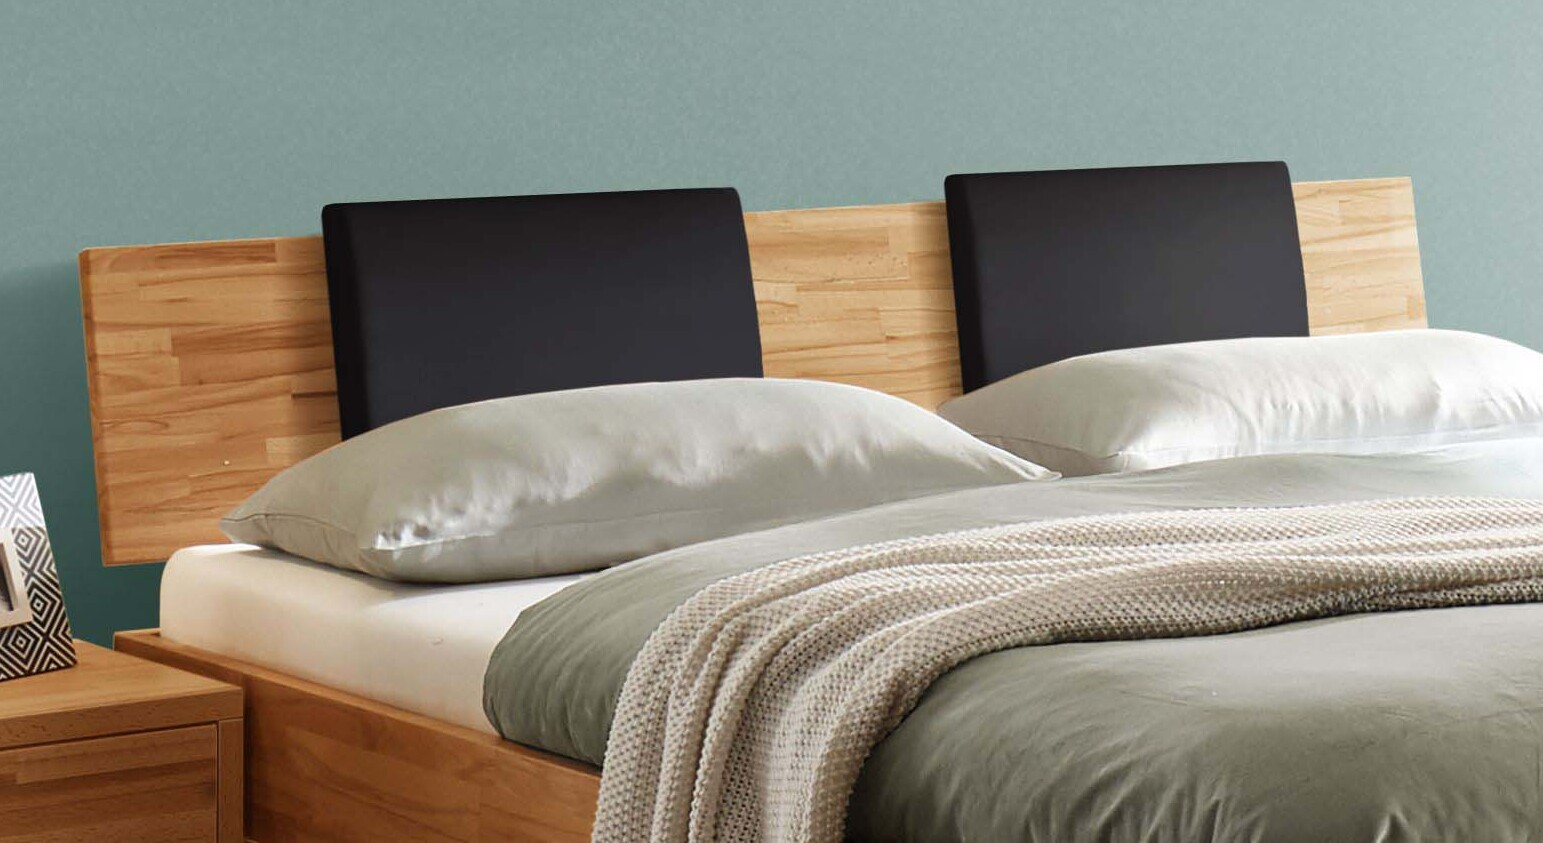 Bett Varion mit schwarzen Kopfteil-Kissen